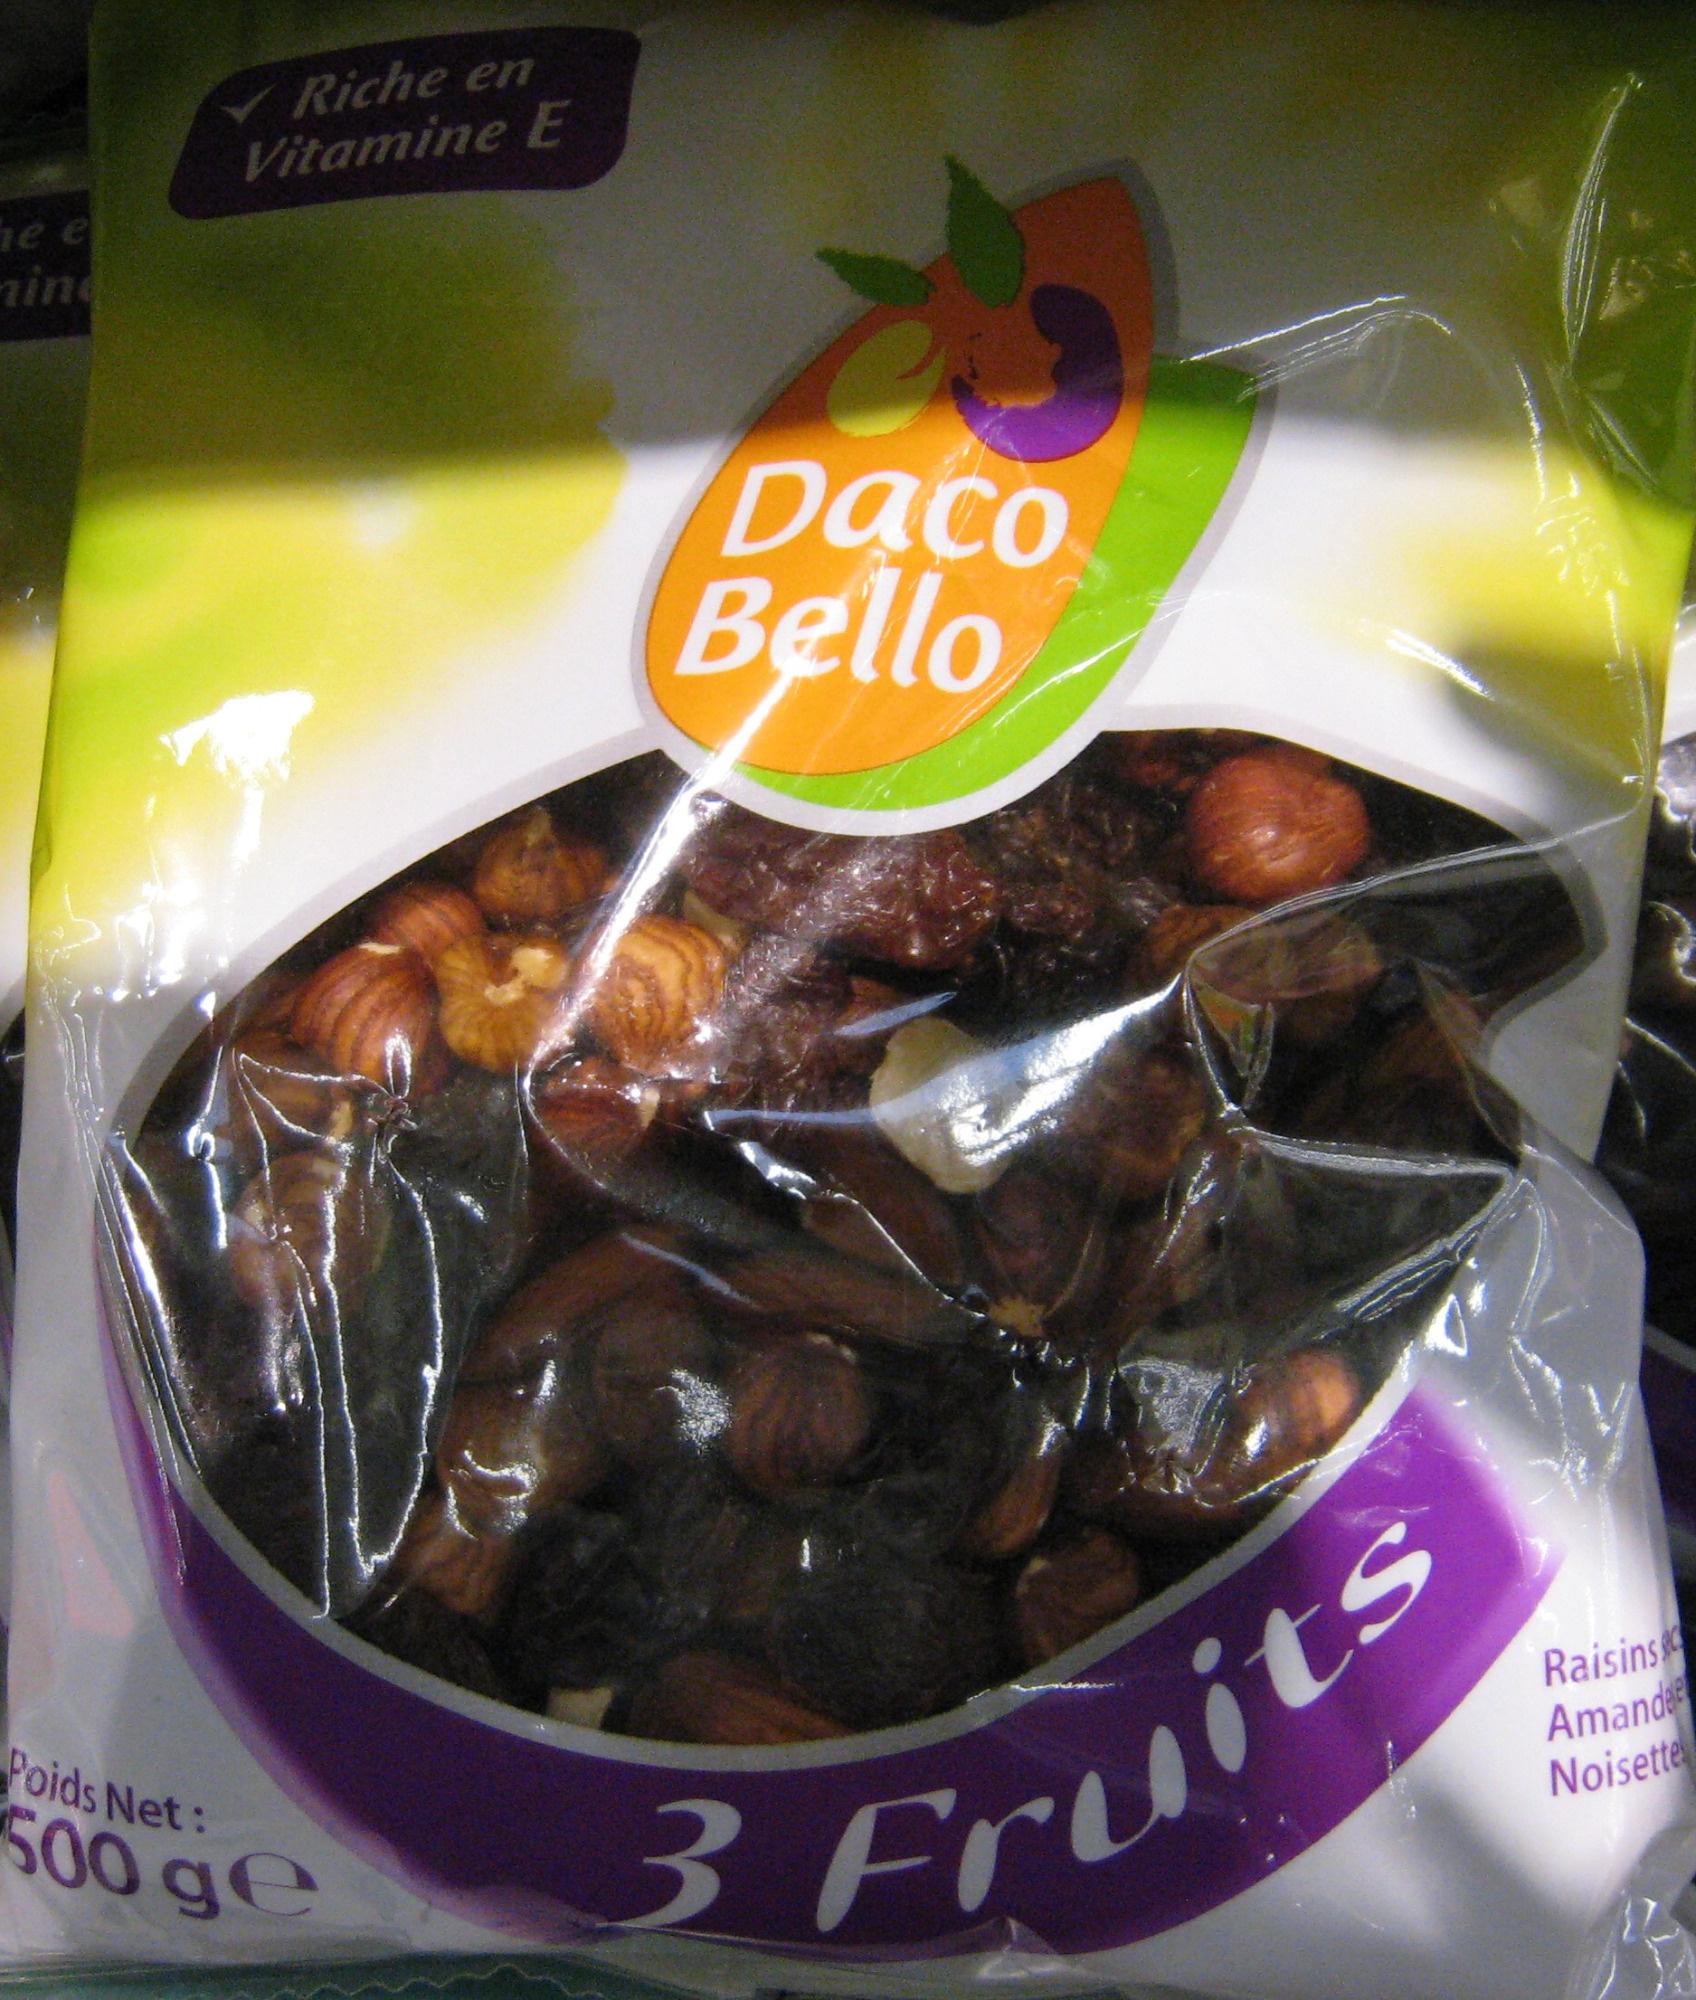 3 Fruits Raisins secs, Amandes, Noisettes Daco Bello - Produit